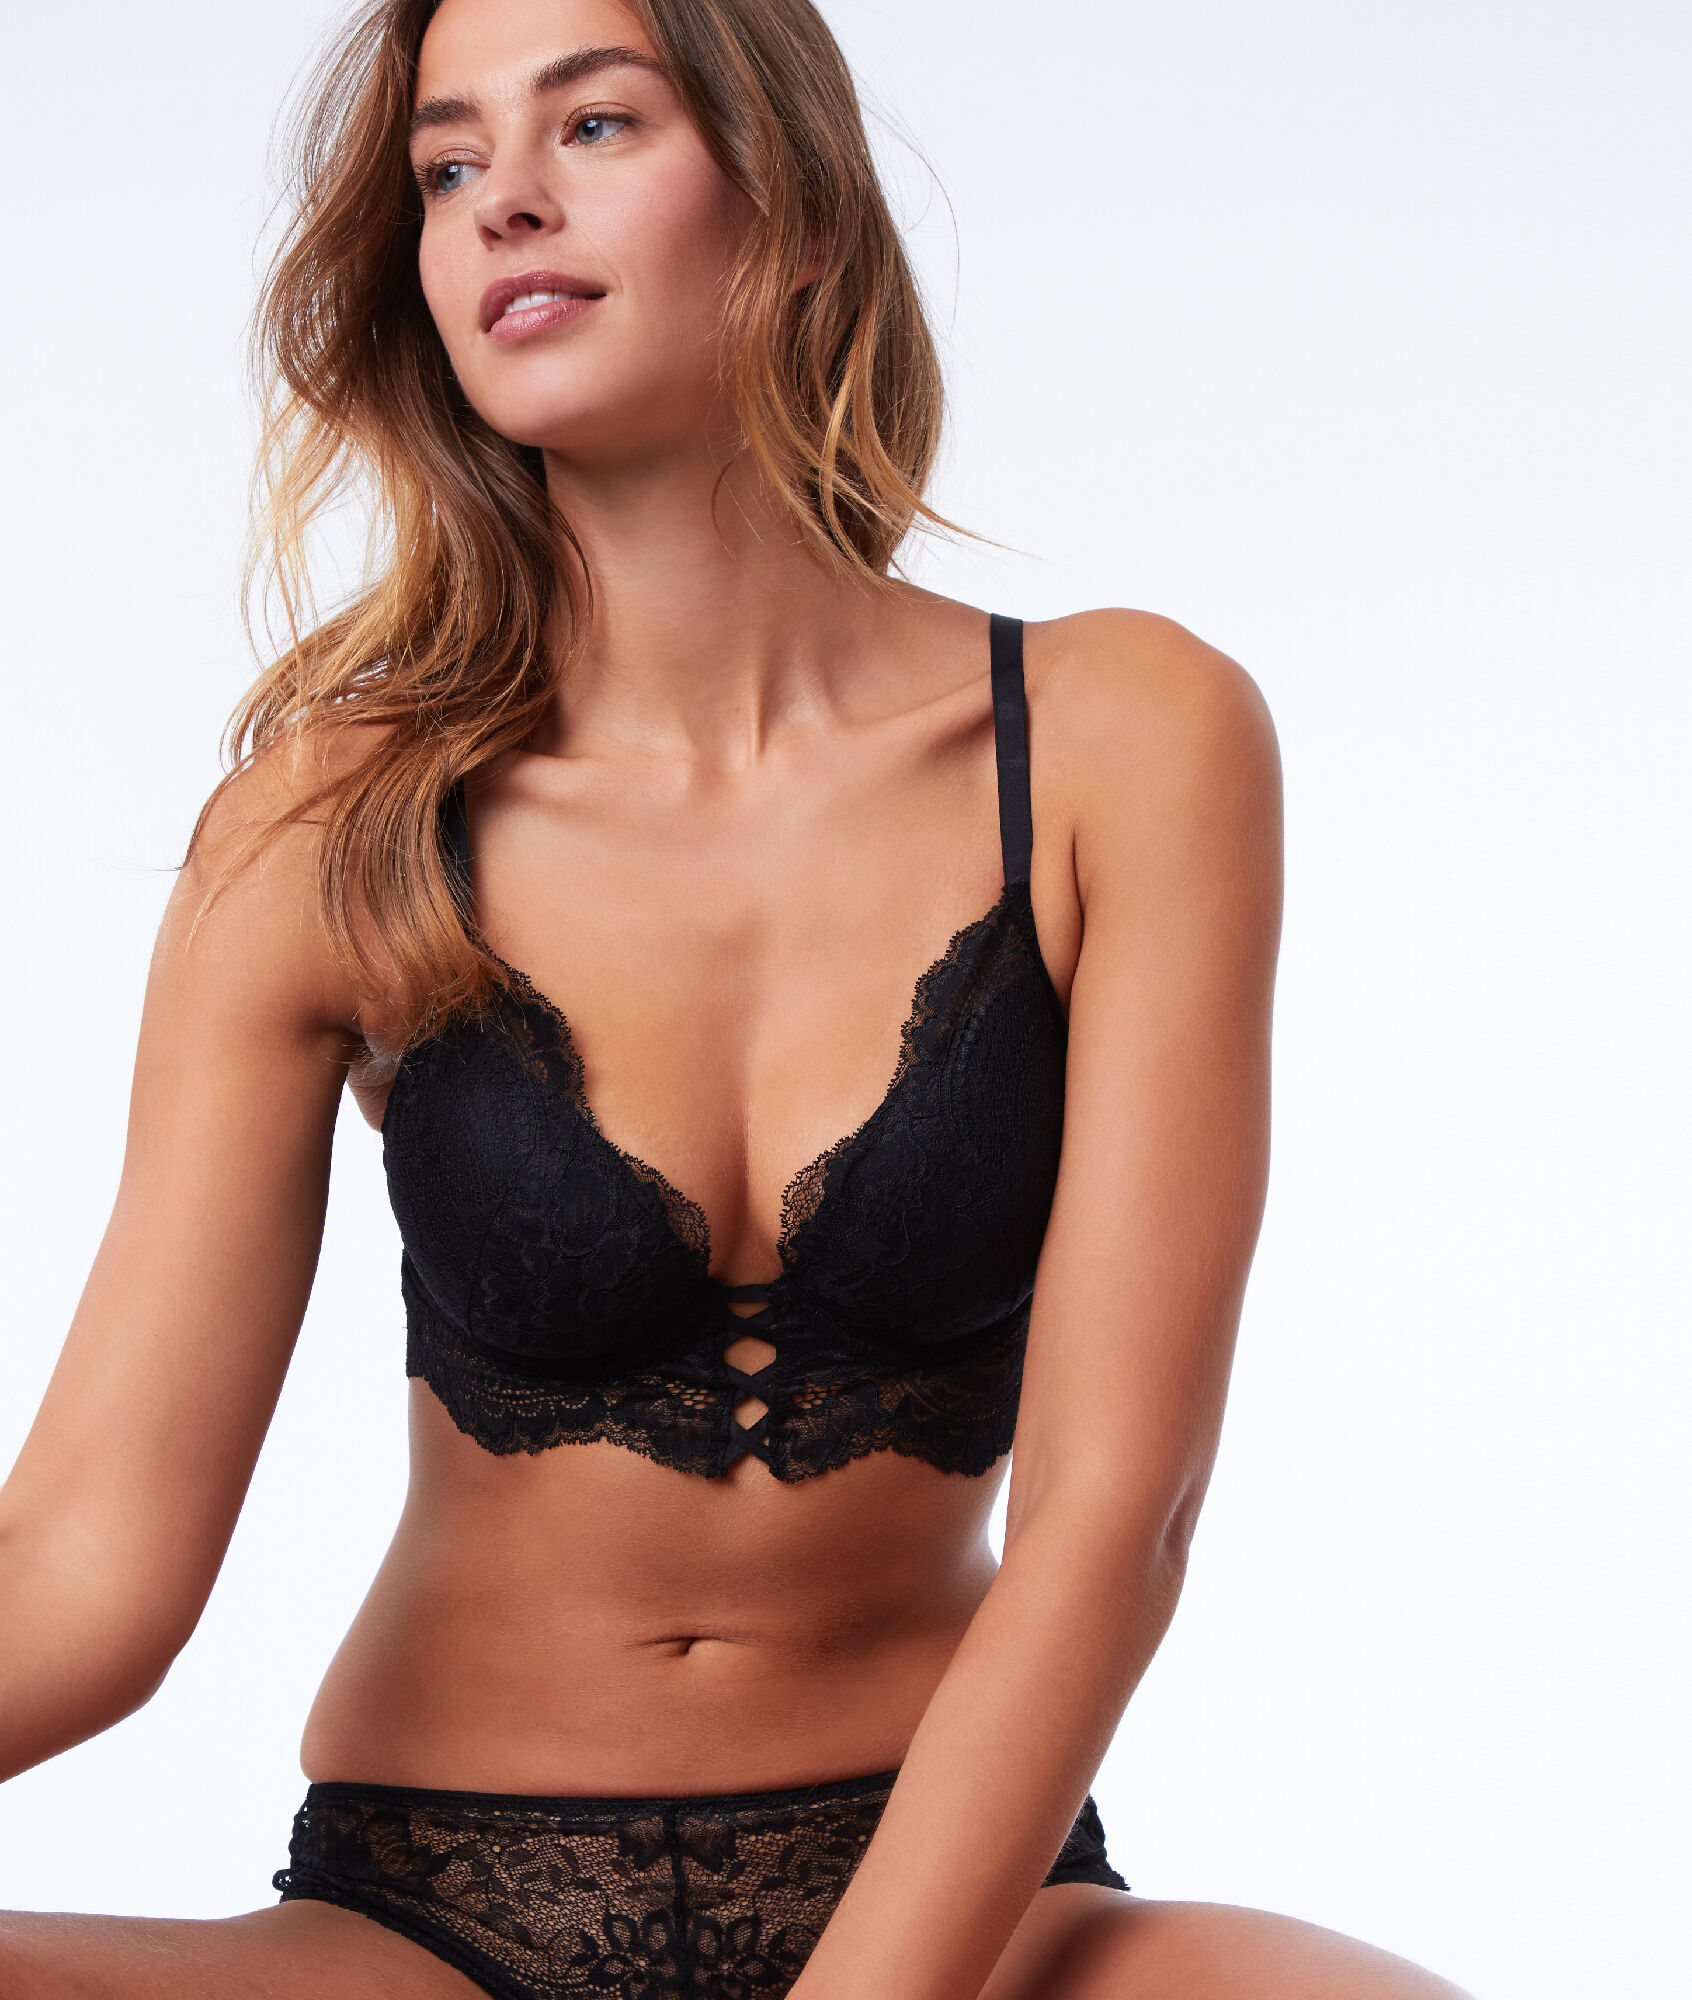 Soutien-gorge N°5 - Ampliforme naturel façon corset - INK - NOIR - Etam b771c7db999